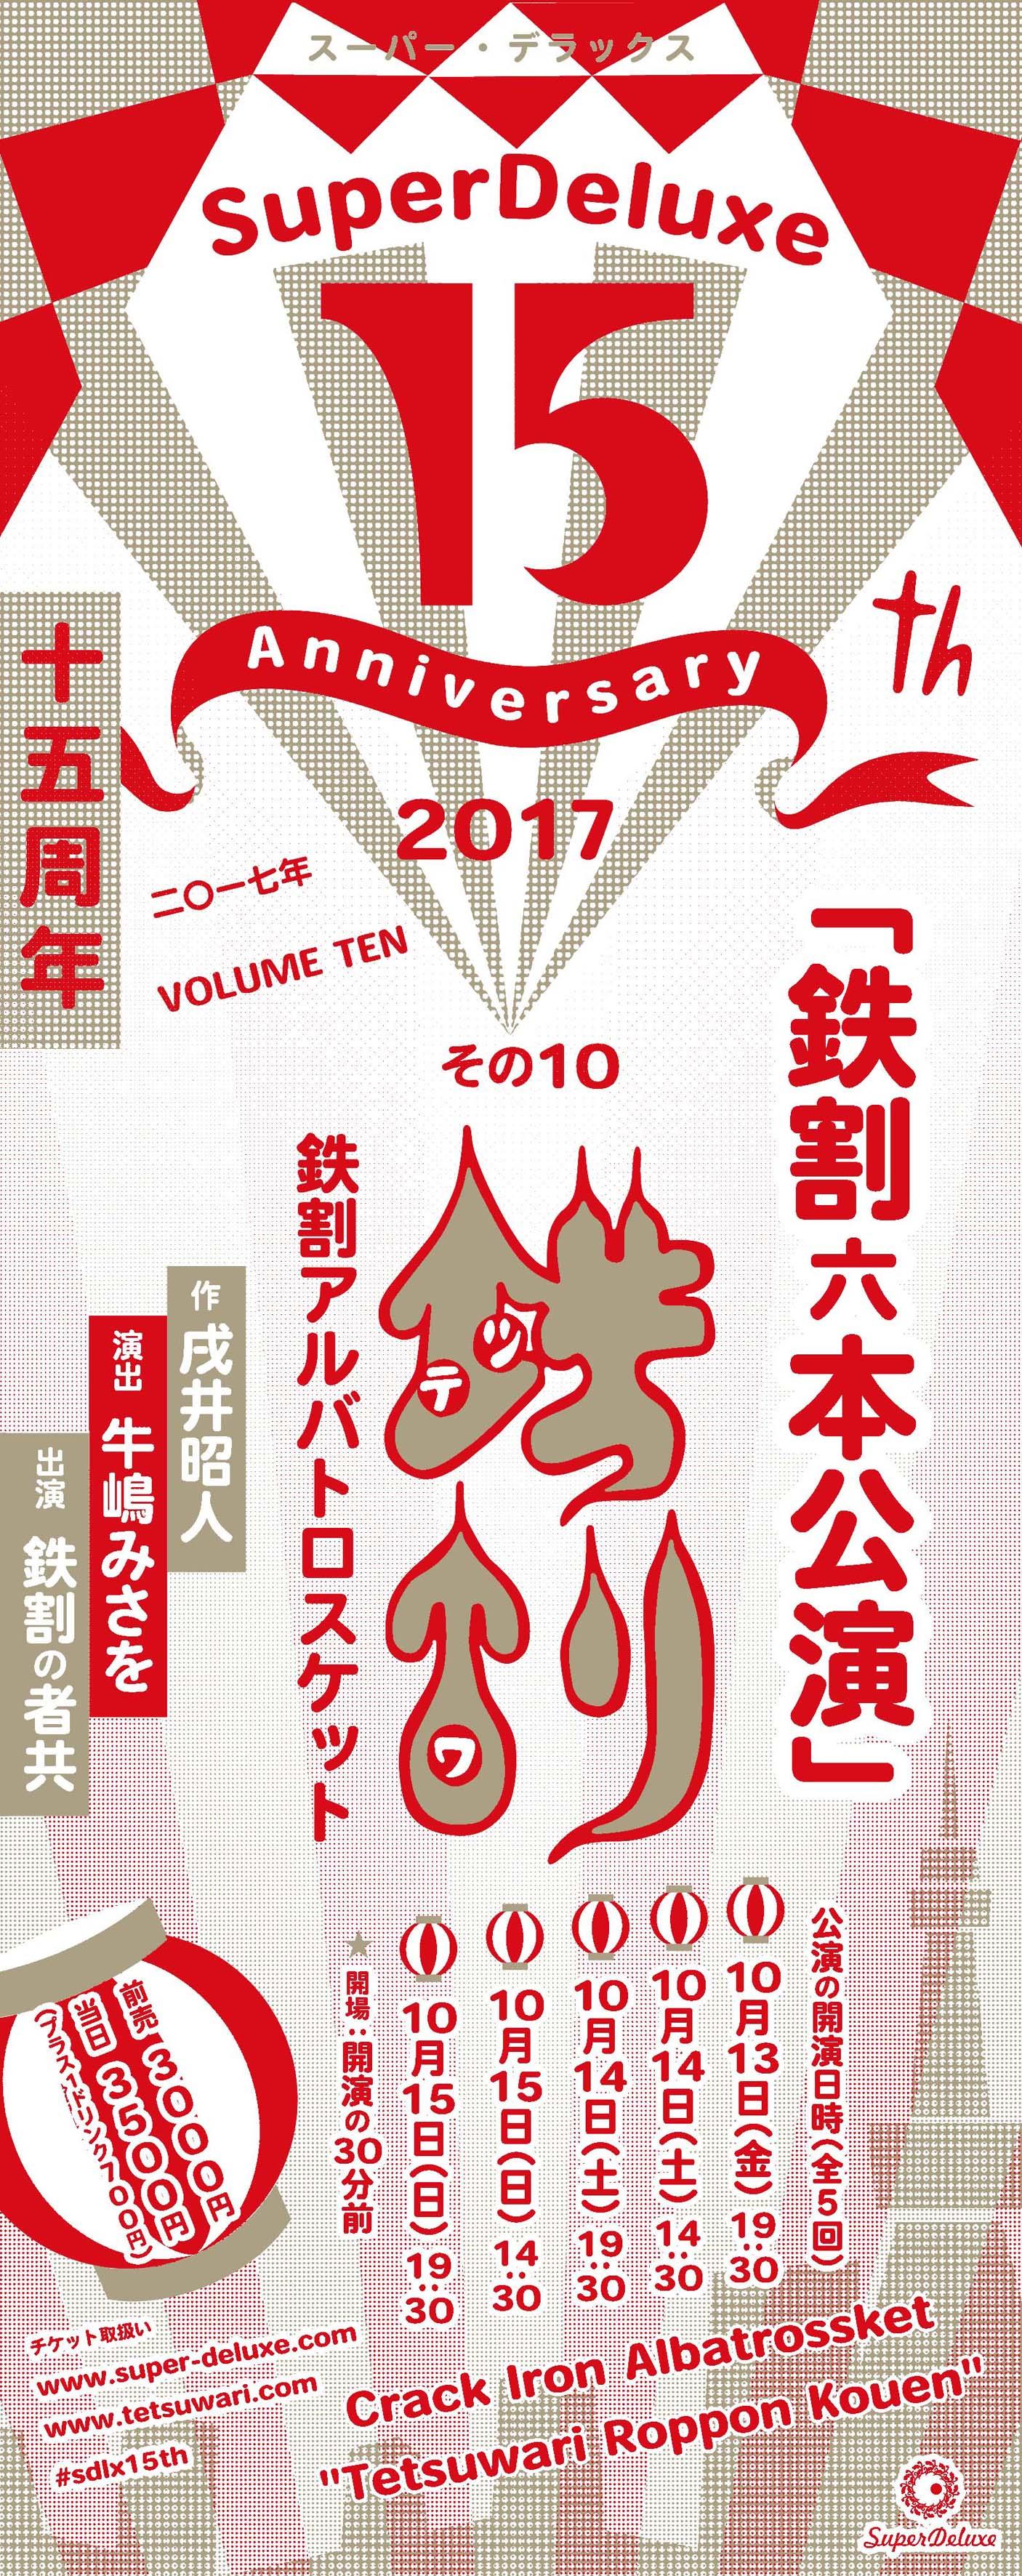 鉄割アルバトロスケット「鉄割六本公演」 スーパー・デラックス十五周年:その10 DAY 2 ソワレ